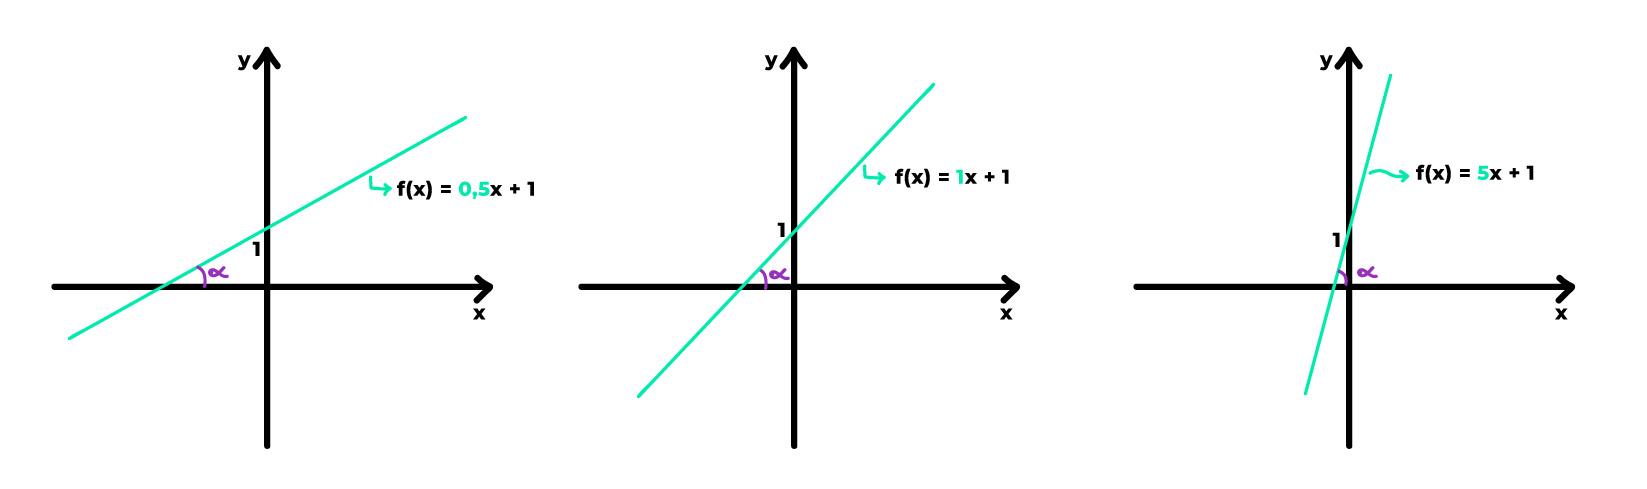 variam os valores dos coeficientes angulares positivos varia a inclinação das retas